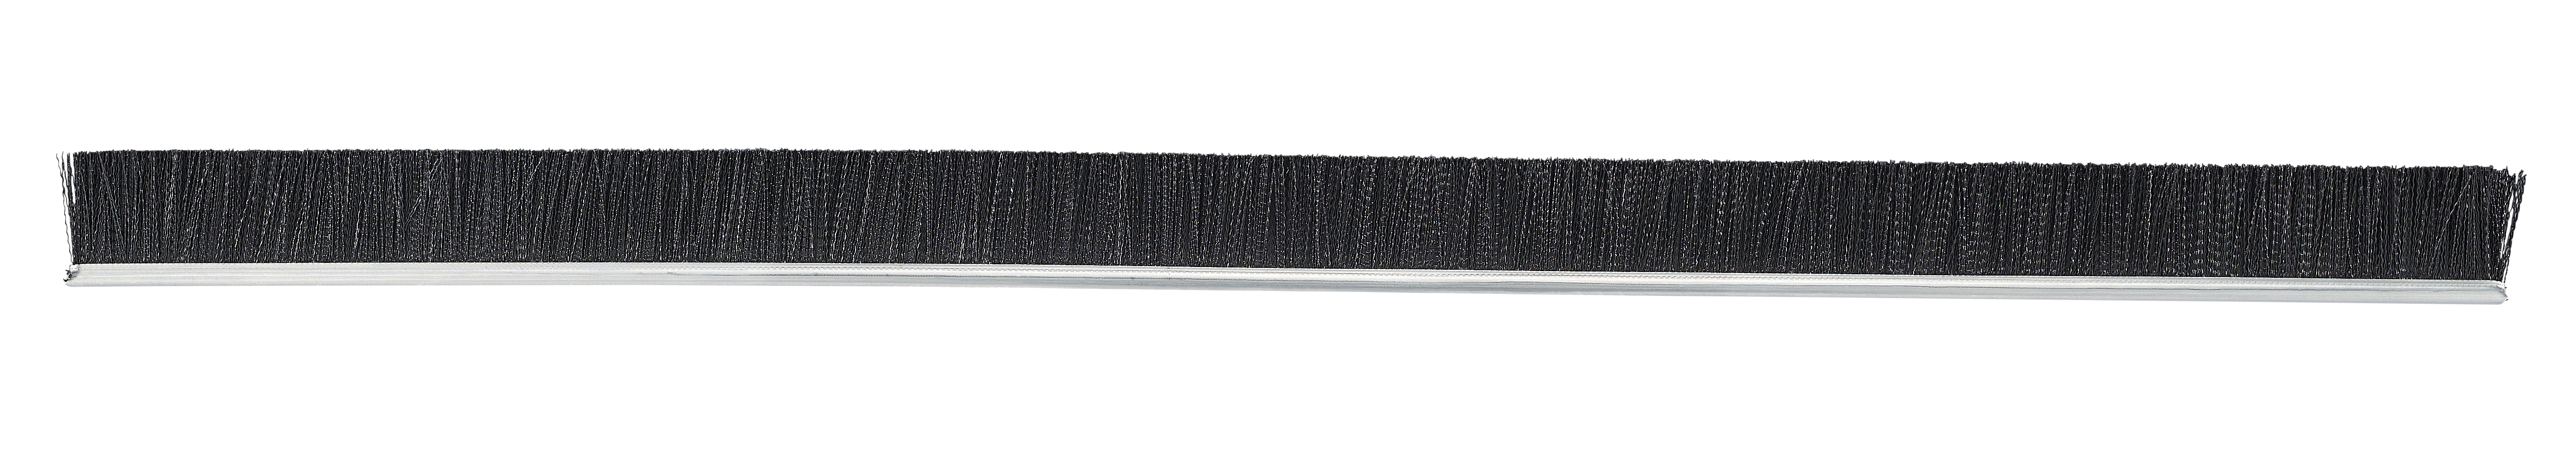 MB702436 Metal Back Strip Brush